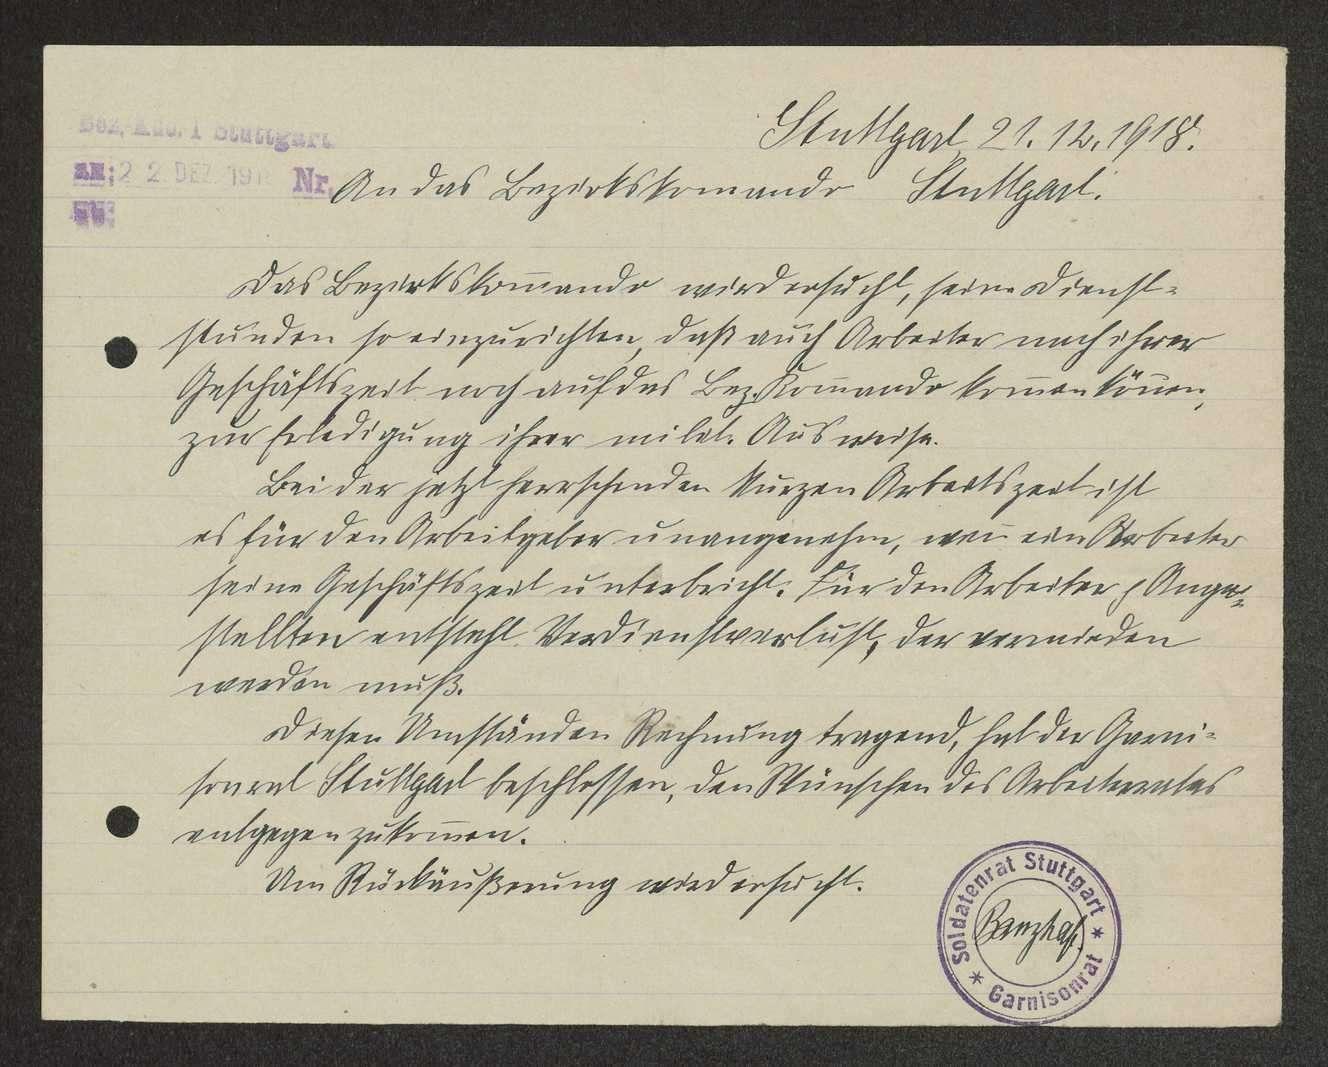 Bekanntmachung über die Meldezeit bei den Stuttgarter Bezirkskommandos I und II, Bild 1